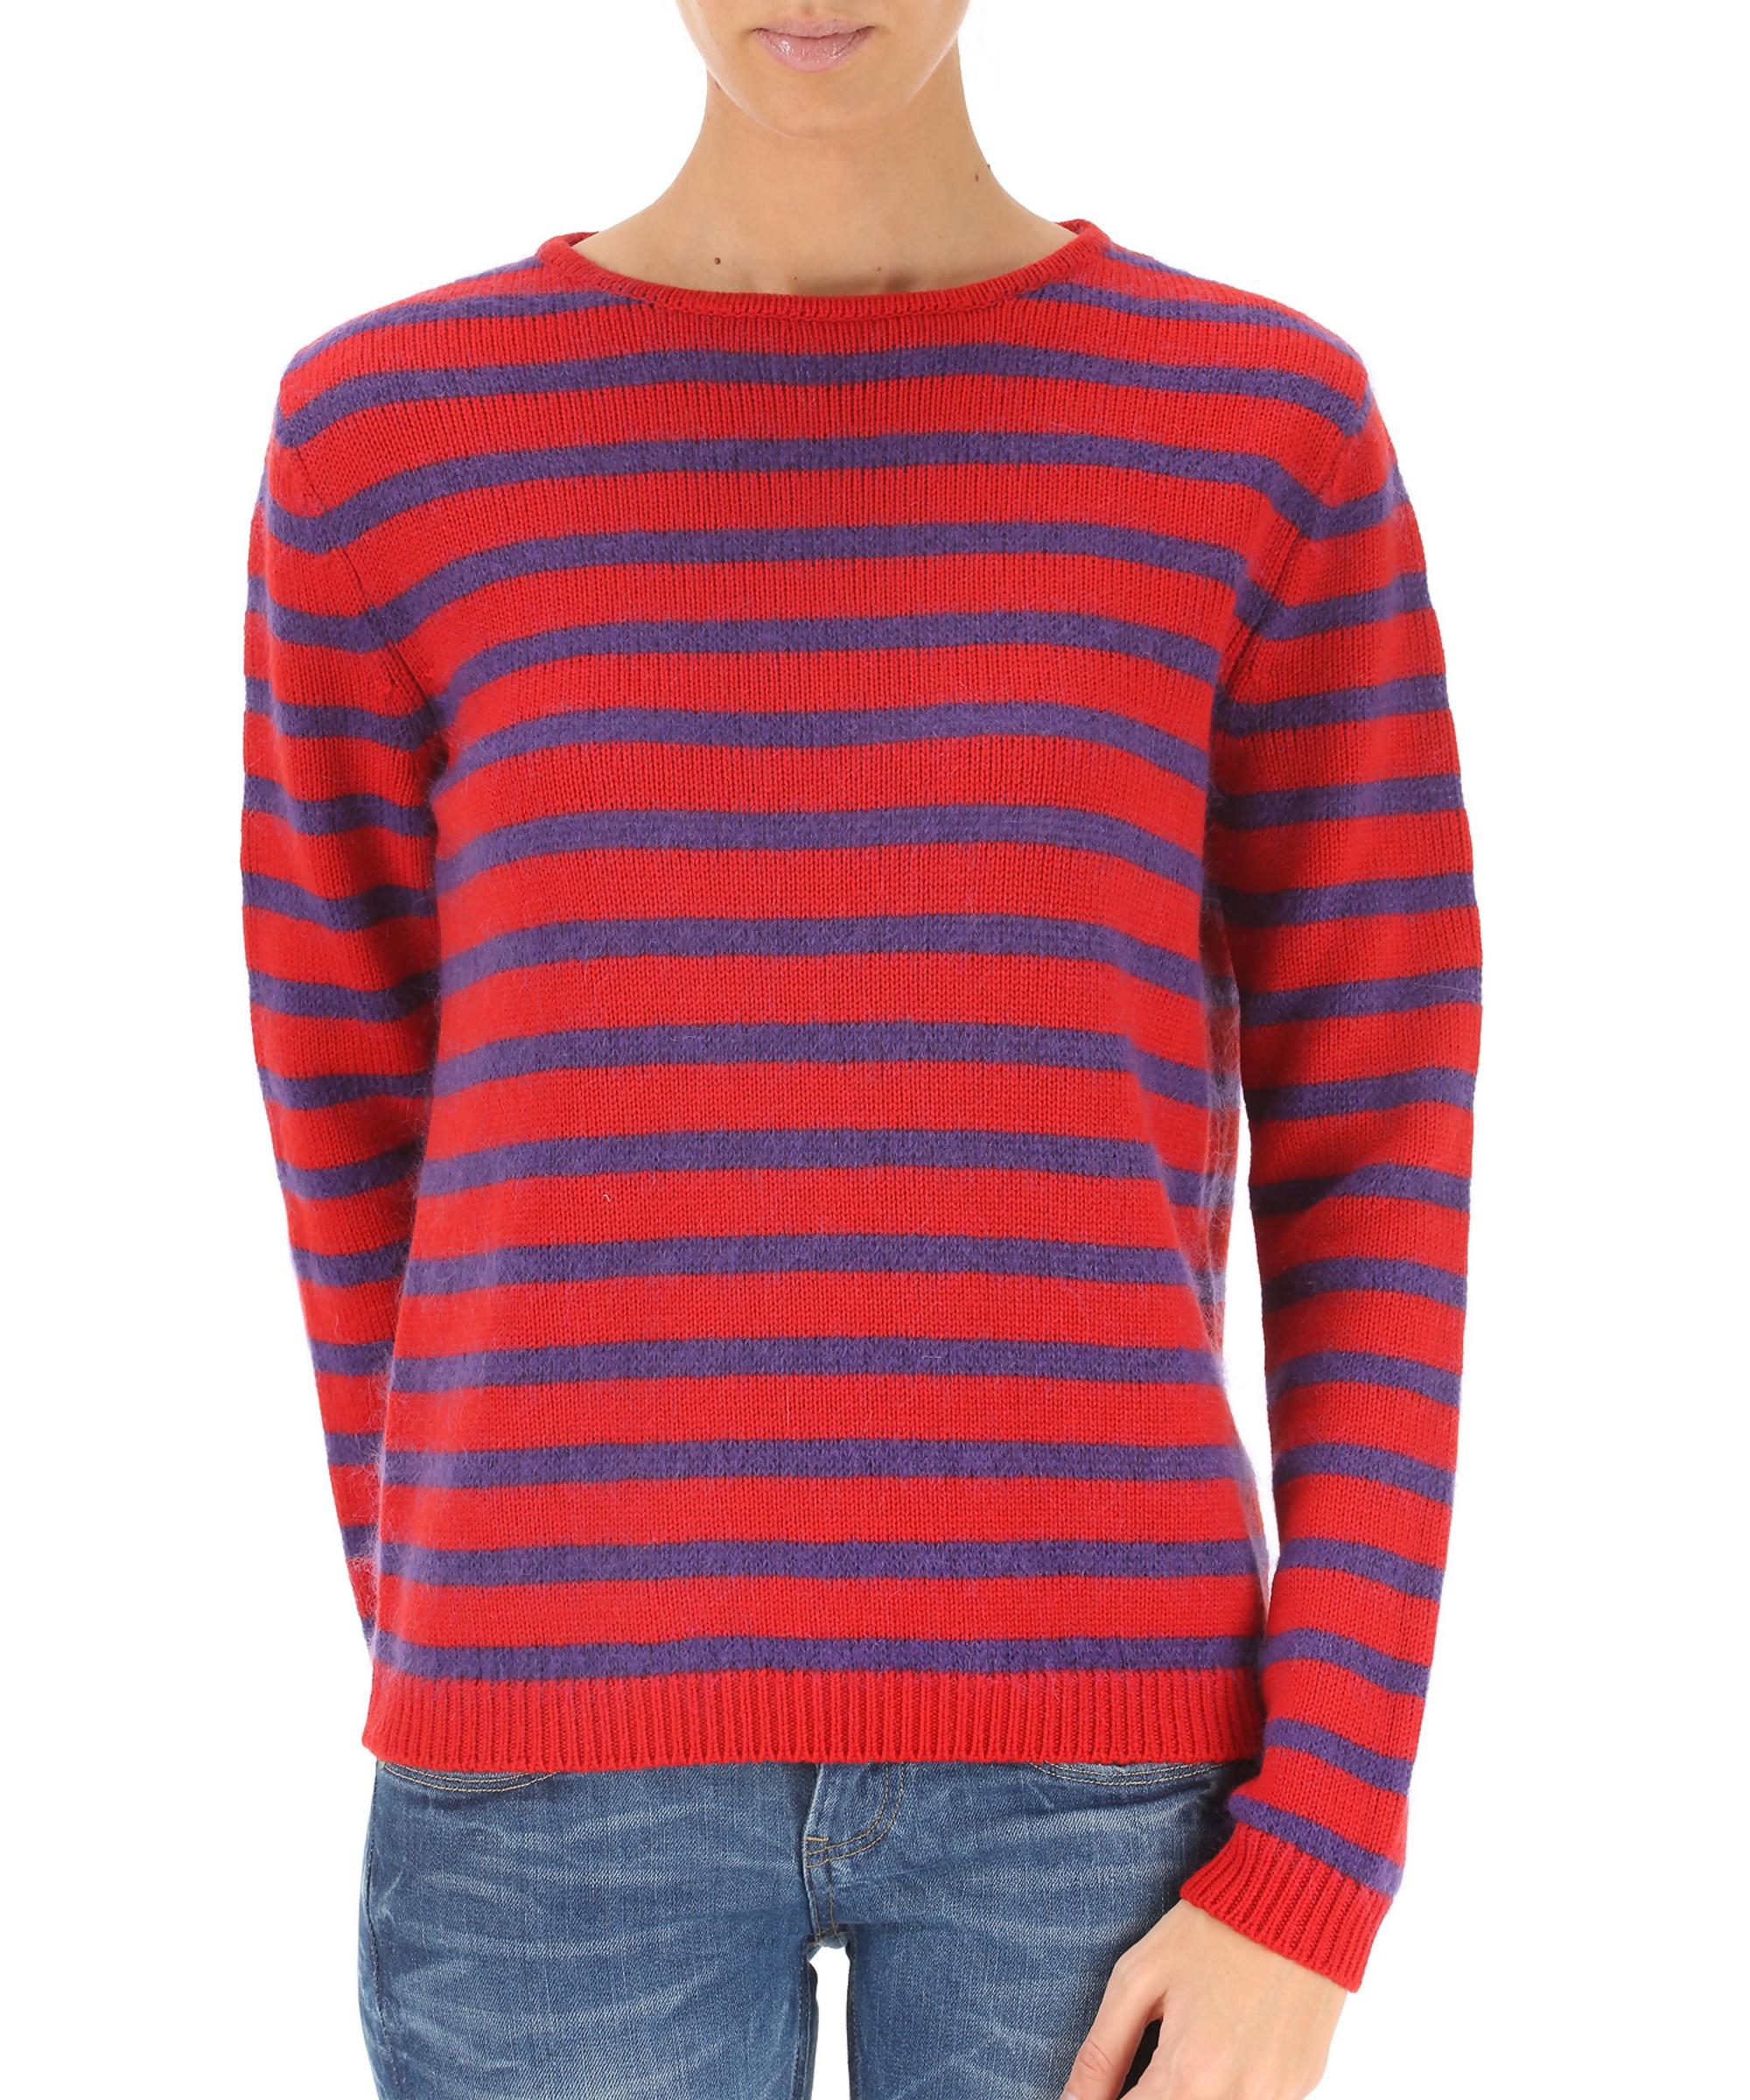 Stella Jean Women's clothings Stella Jean Women's Red Wool Sweater ...